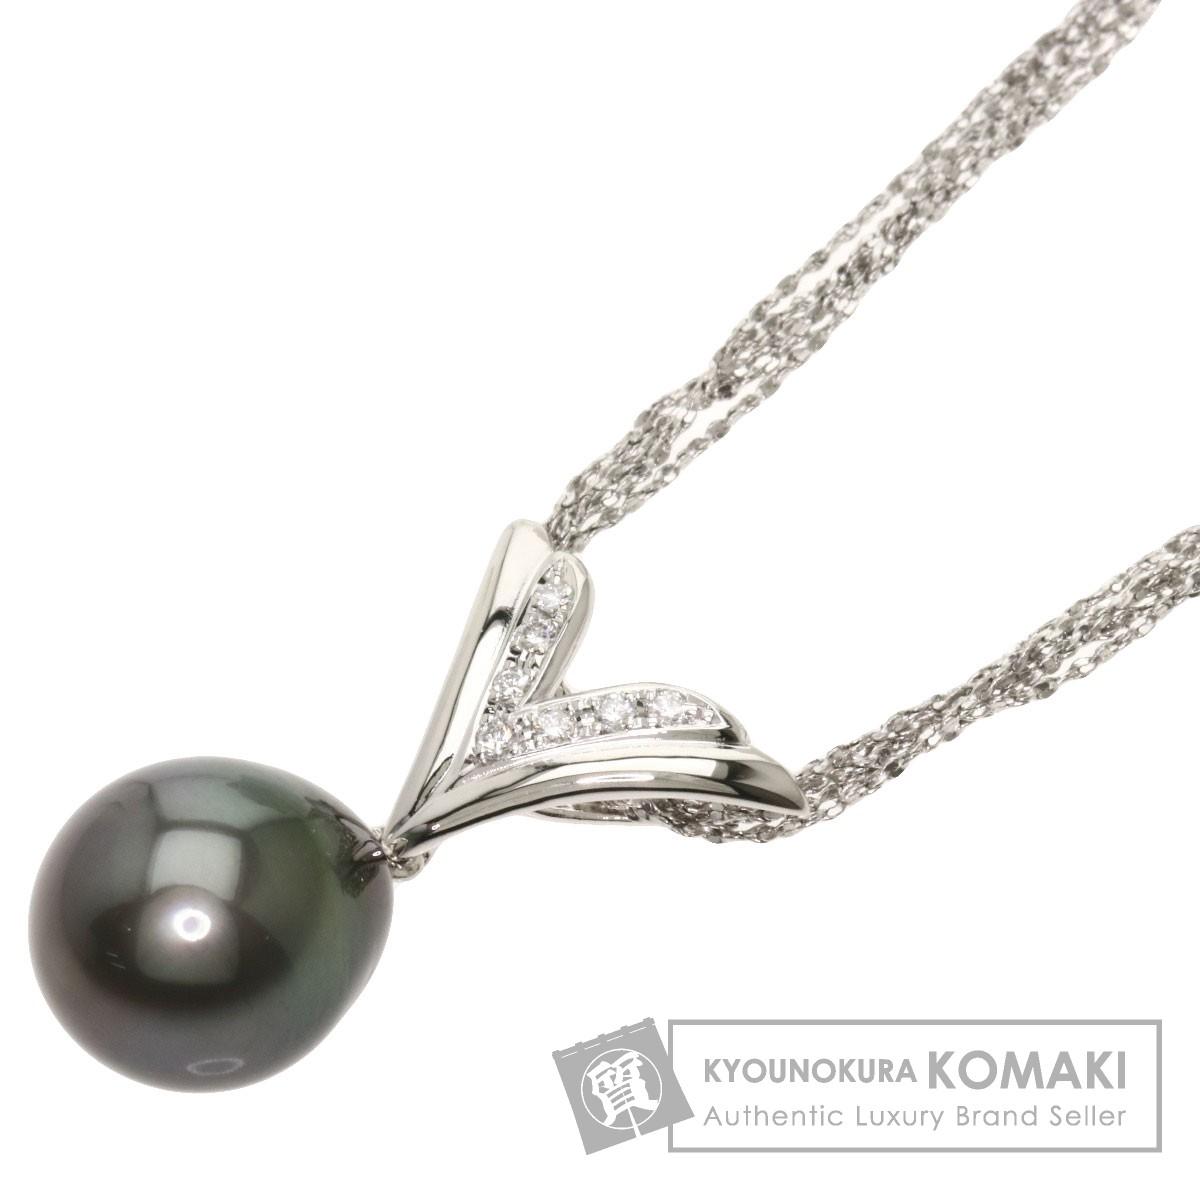 タサキ 黒パール 真珠 ダイヤモンド ネックレス プラチナPT850/PT900 レディース 【中古】【TASAKI】